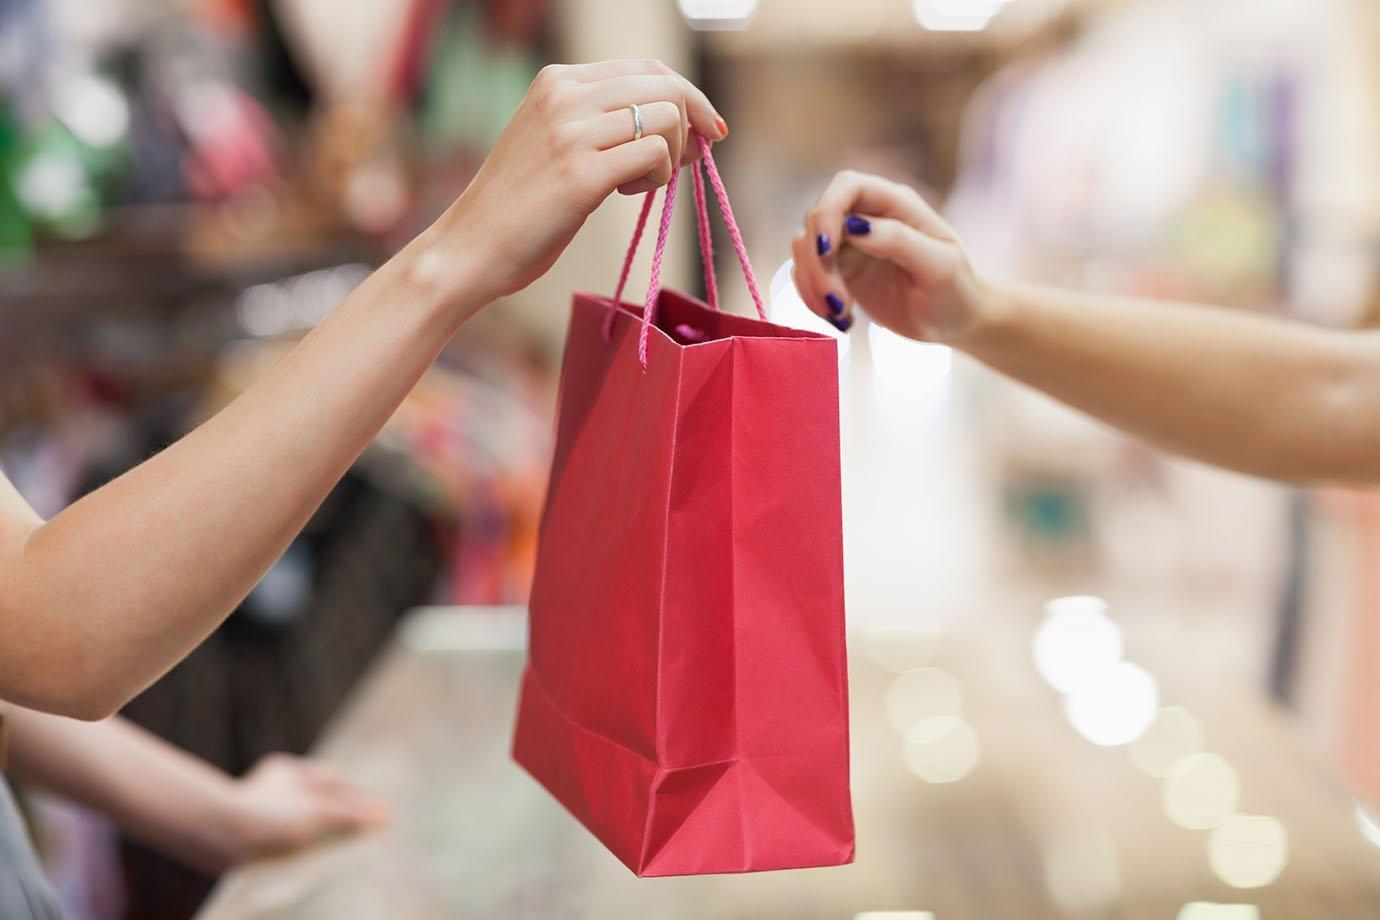 Mulher entrega sacola de compras para cliente: vendas, compras